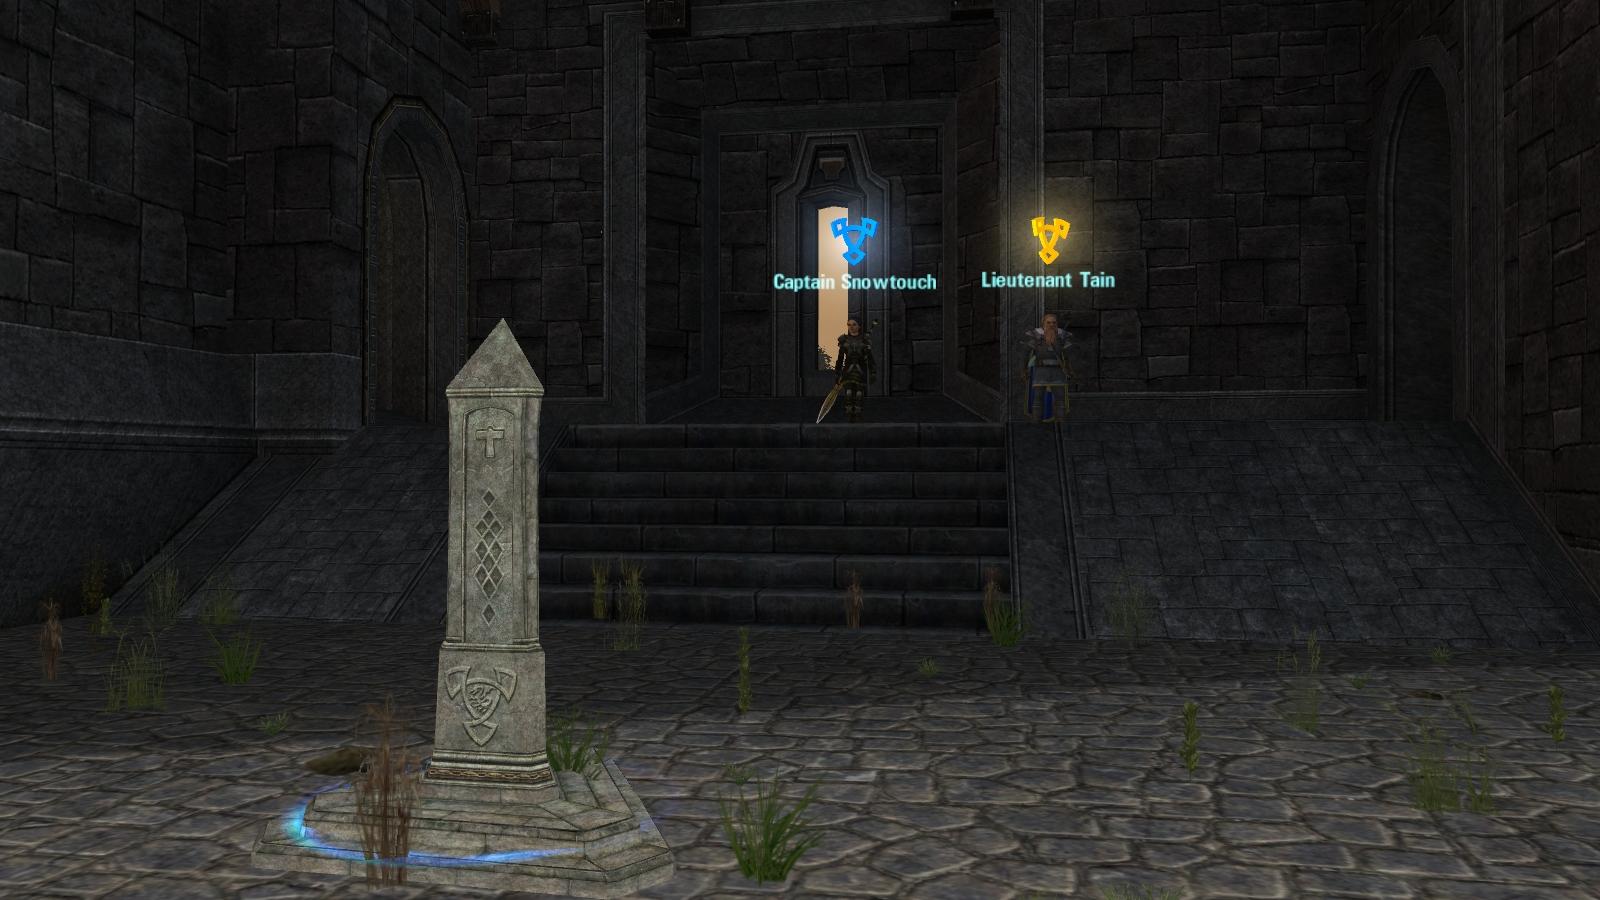 Camelot portal